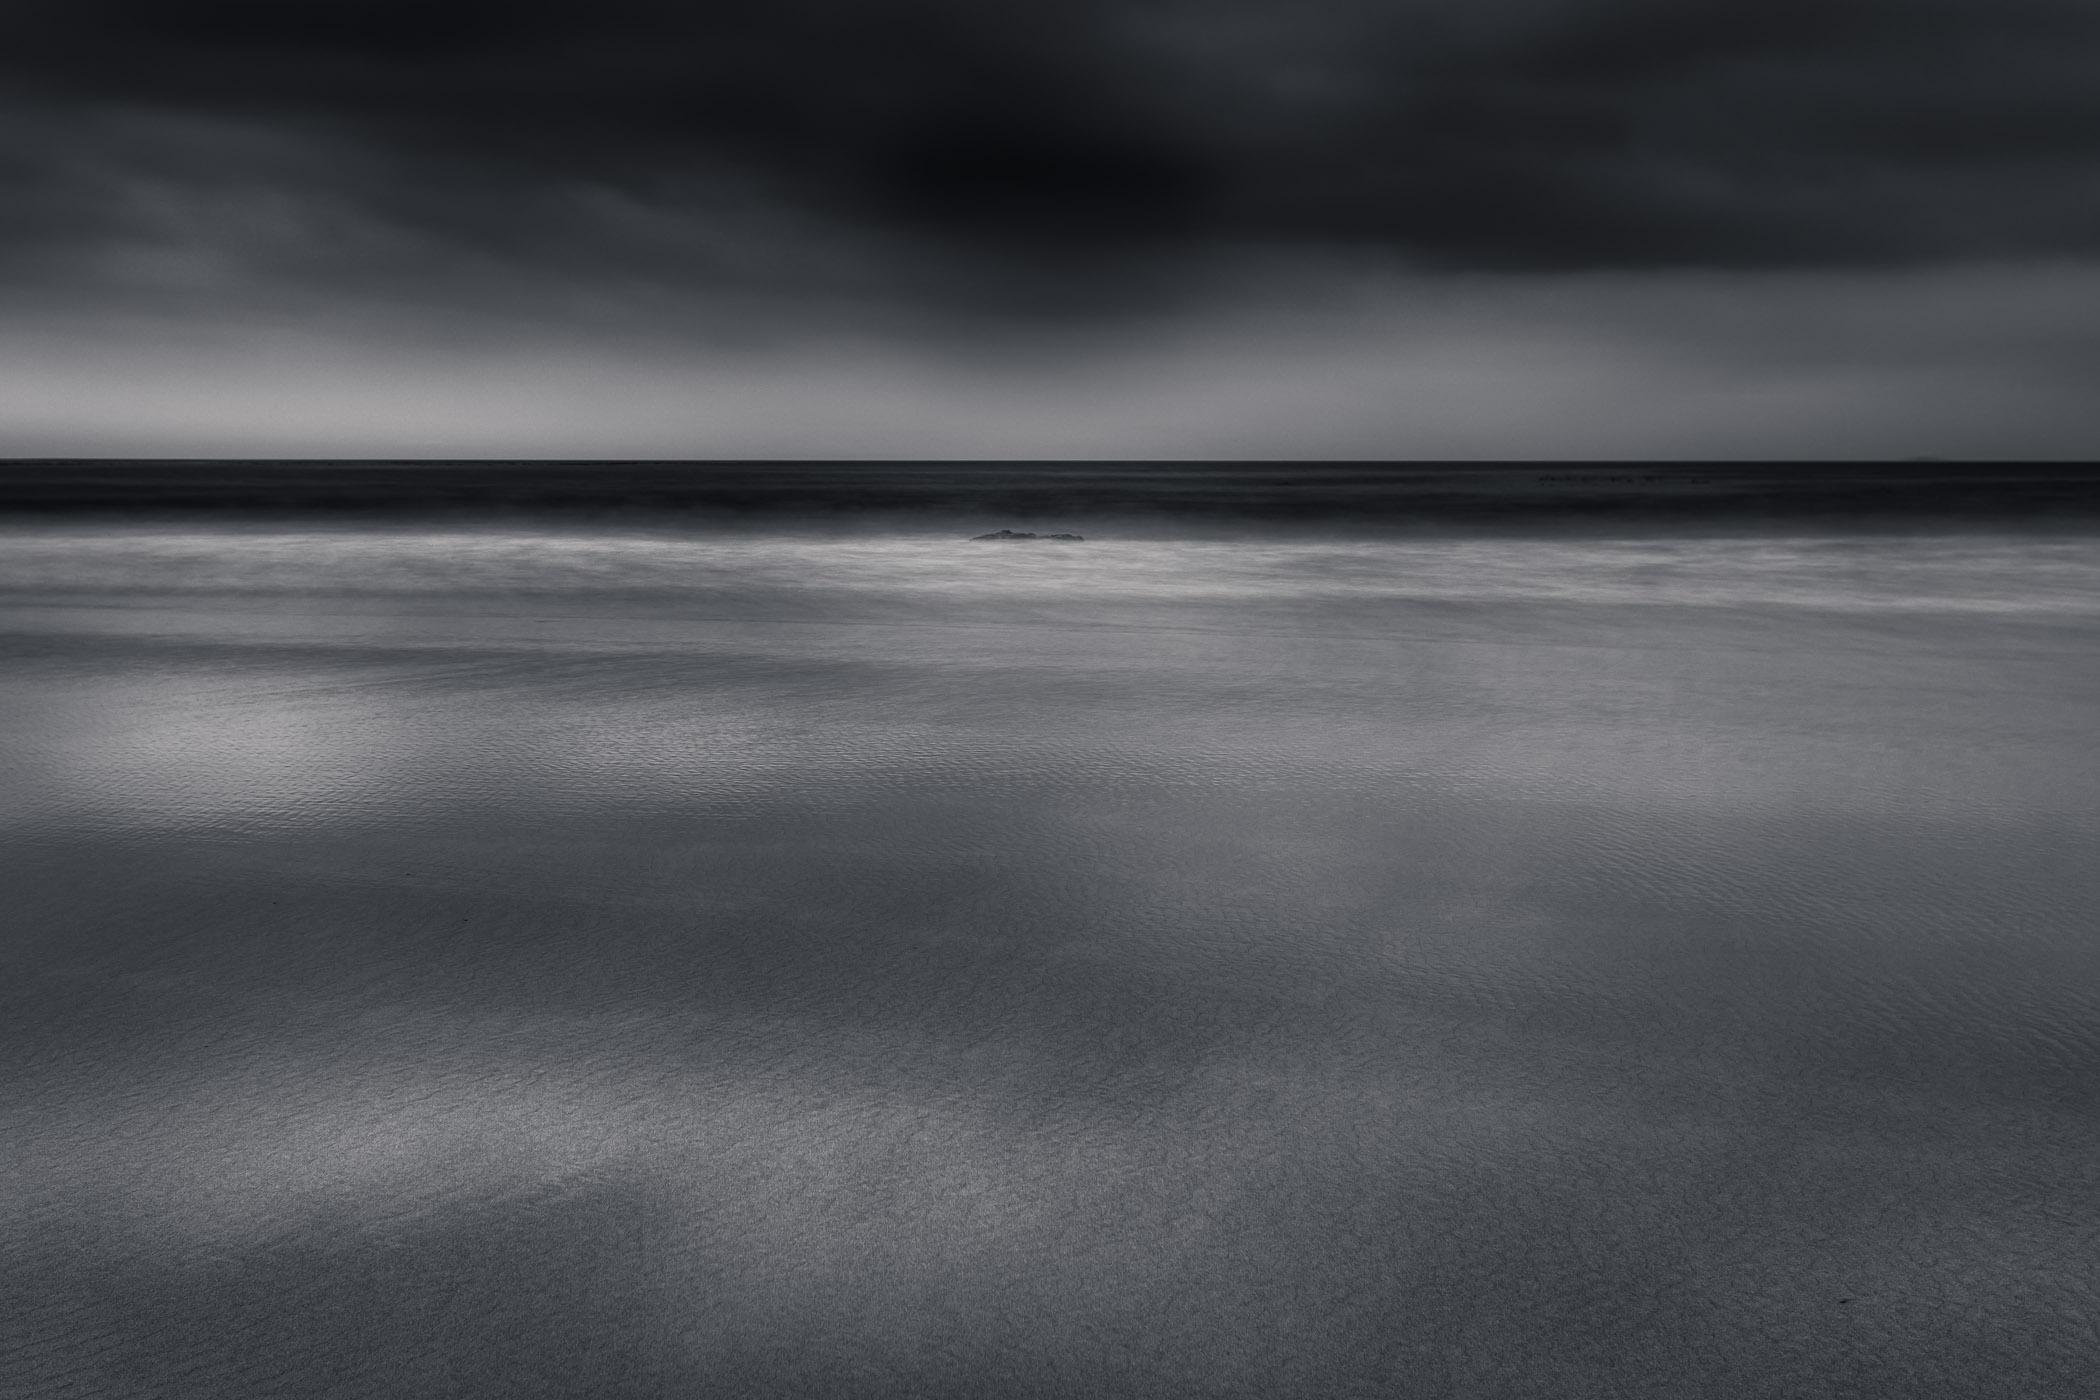 noordhoek beach 02